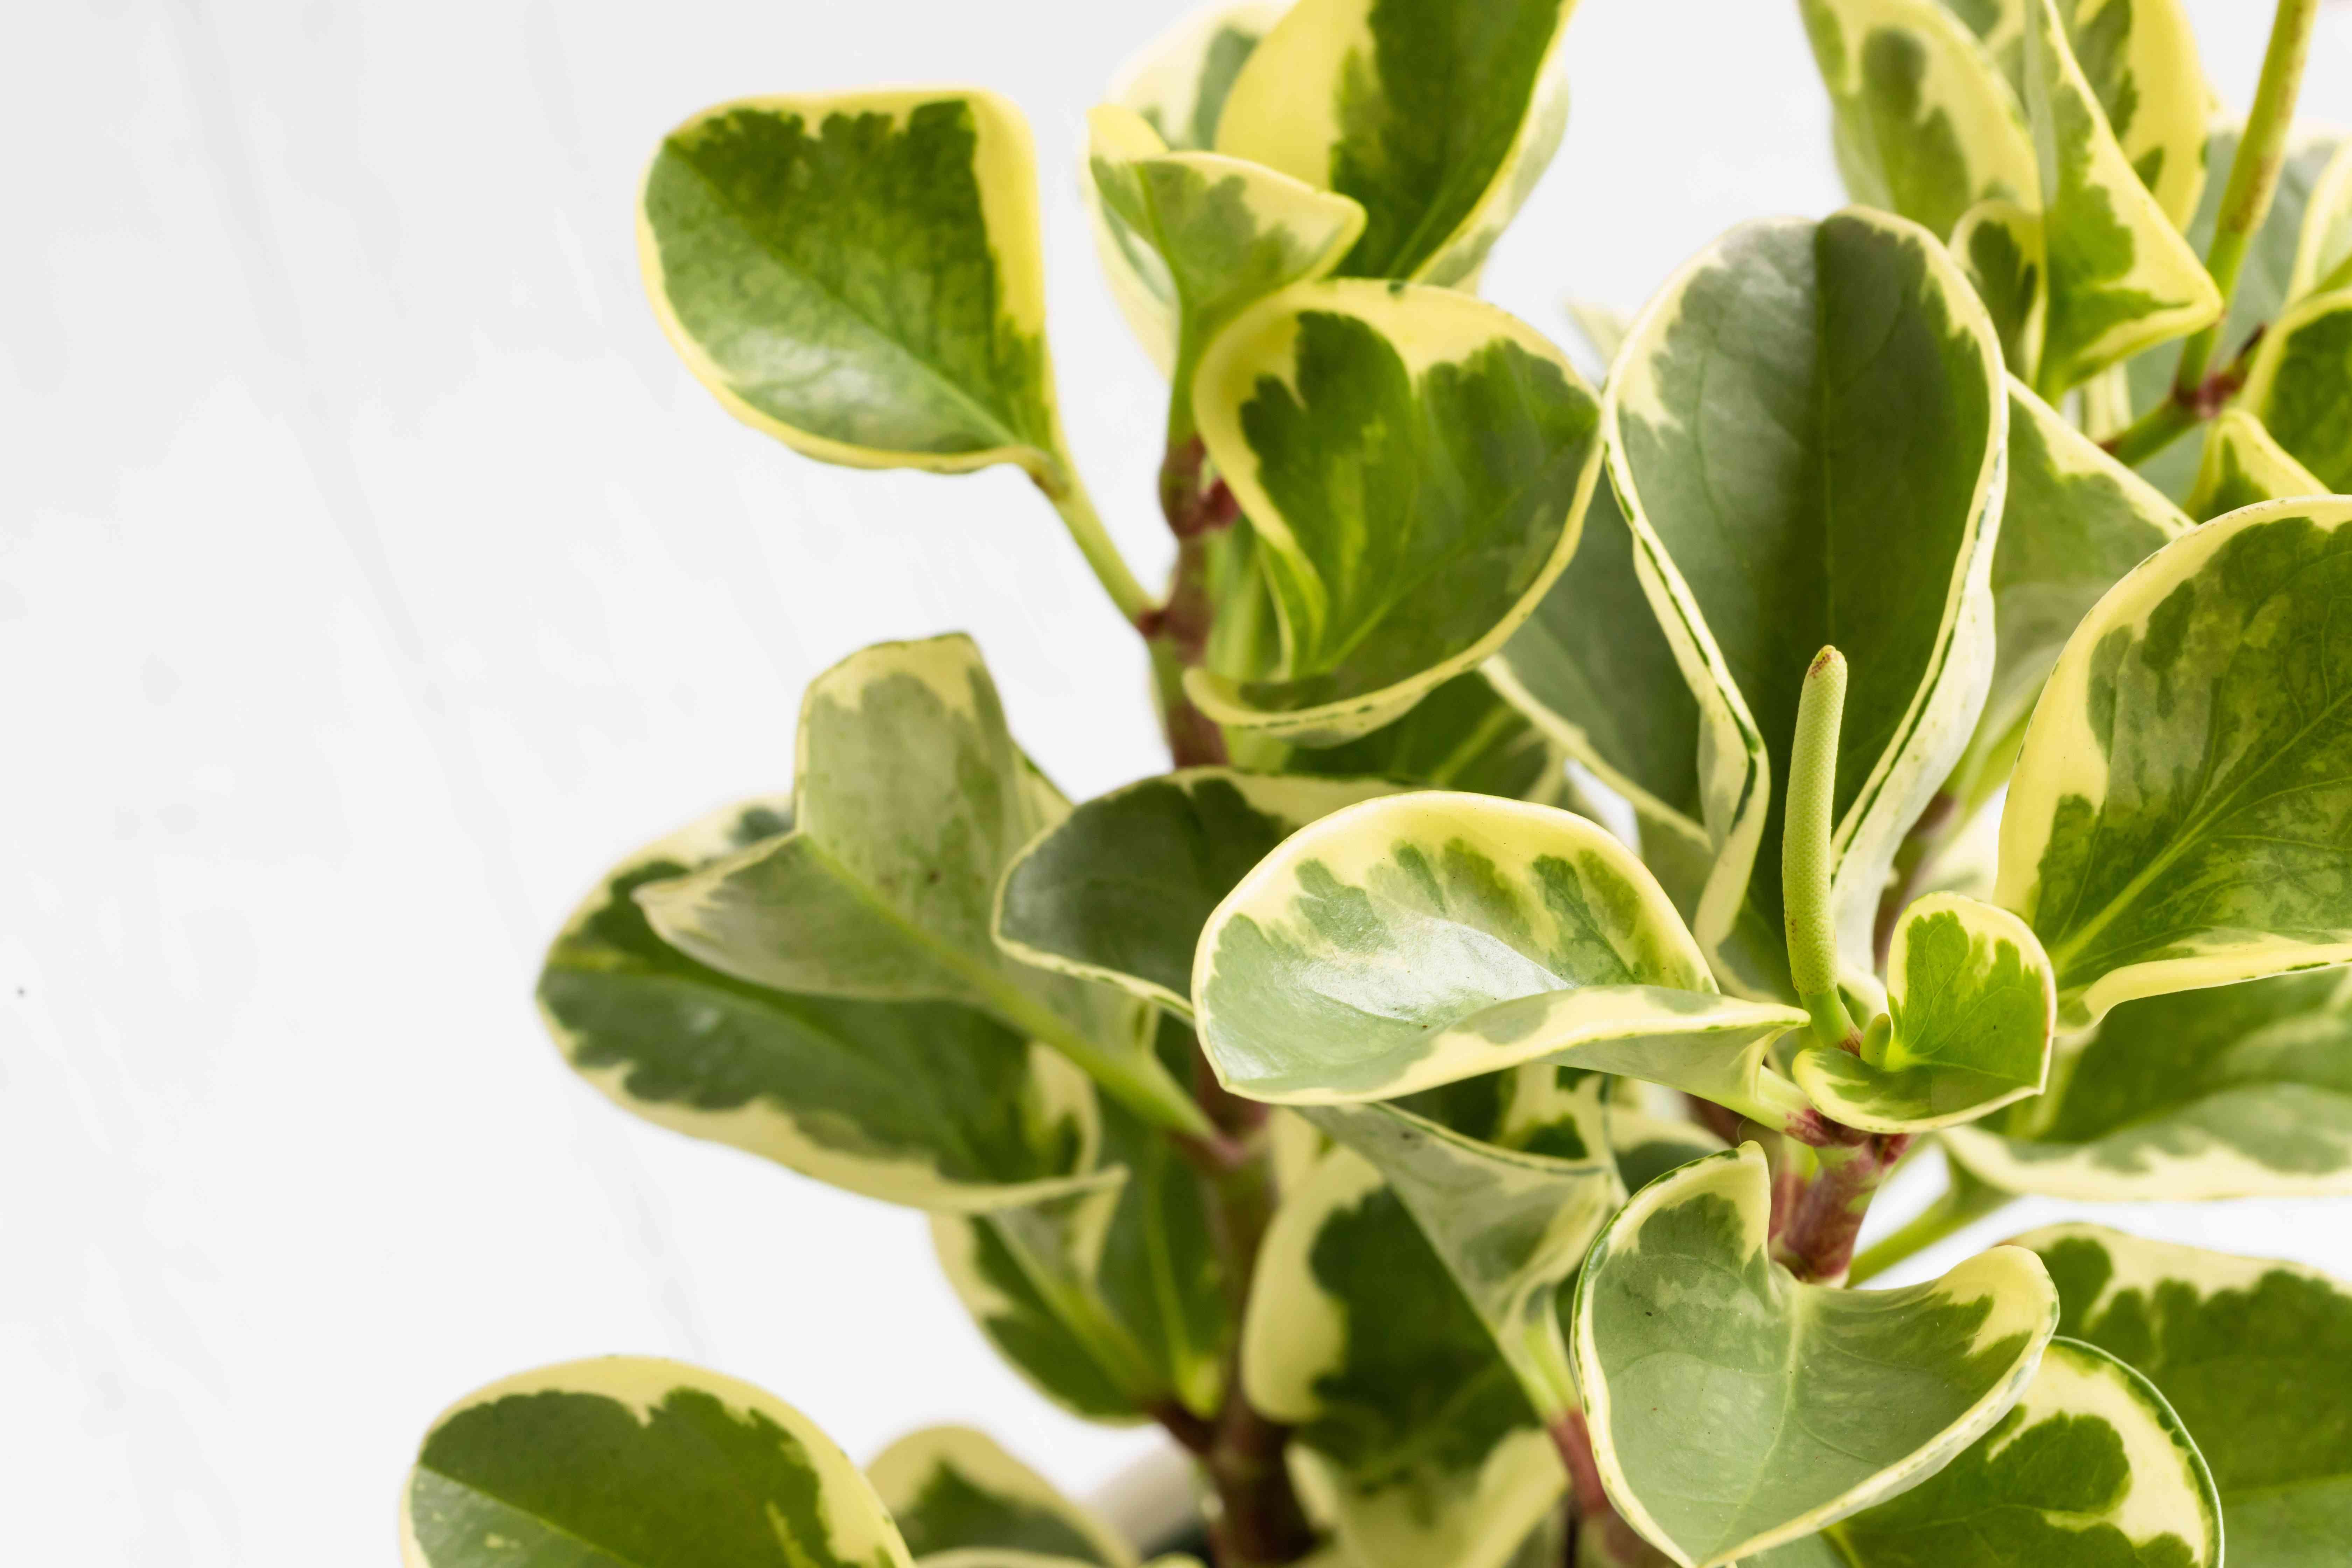 closeup of a peperomia plant